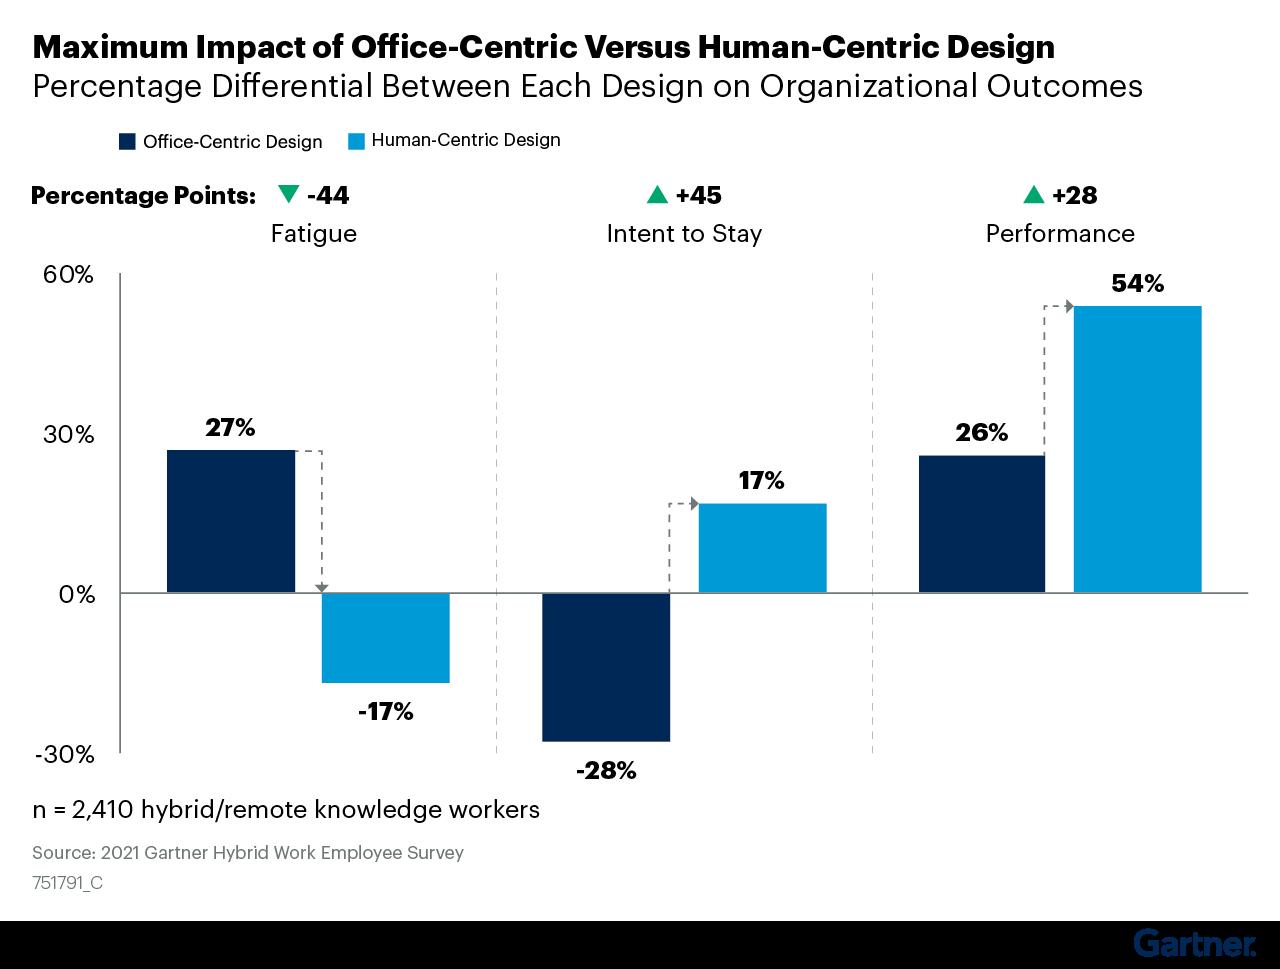 Figure 7: Maximum Impact of Office-Centric Versus Human-Centric Design